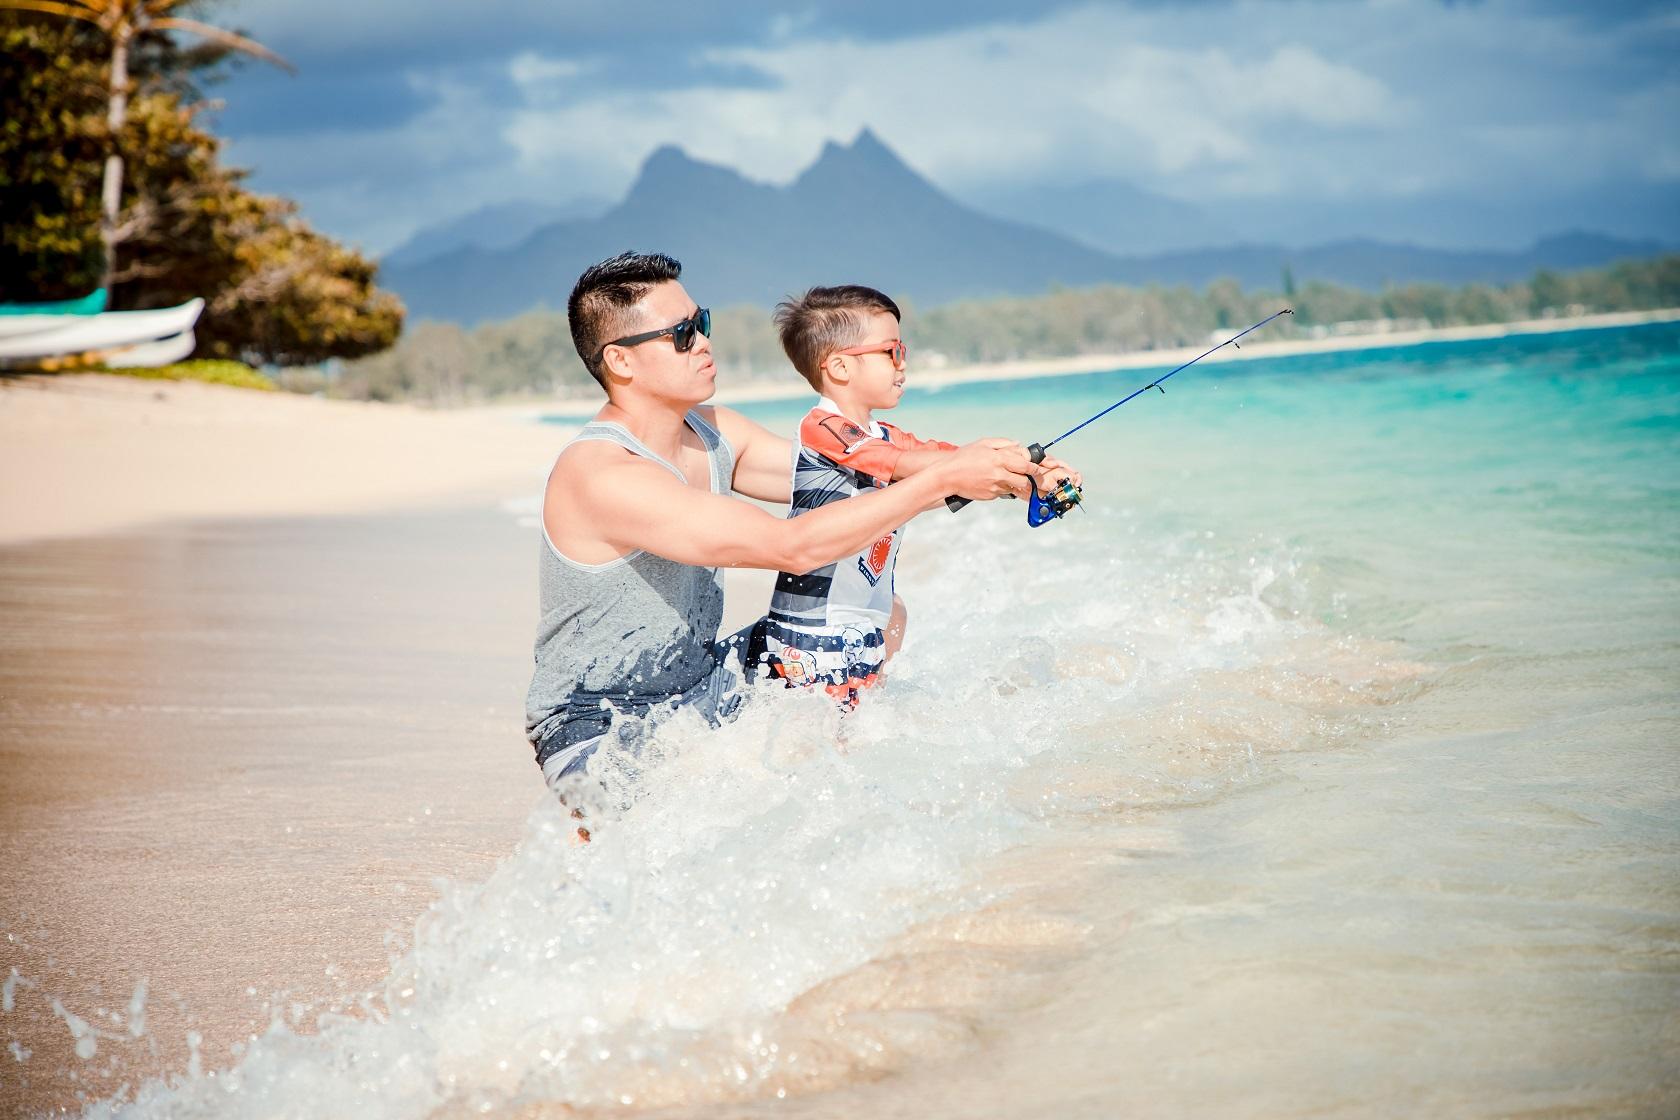 oahu family beach vacation fishing photos